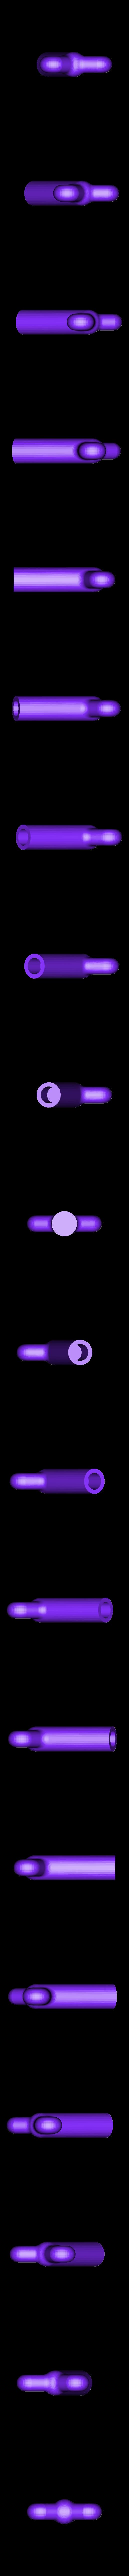 bone.STL Descargar archivo STL Entre nosotros Plantador de auto-riego • Objeto para imprimir en 3D, JoshuaDomiel